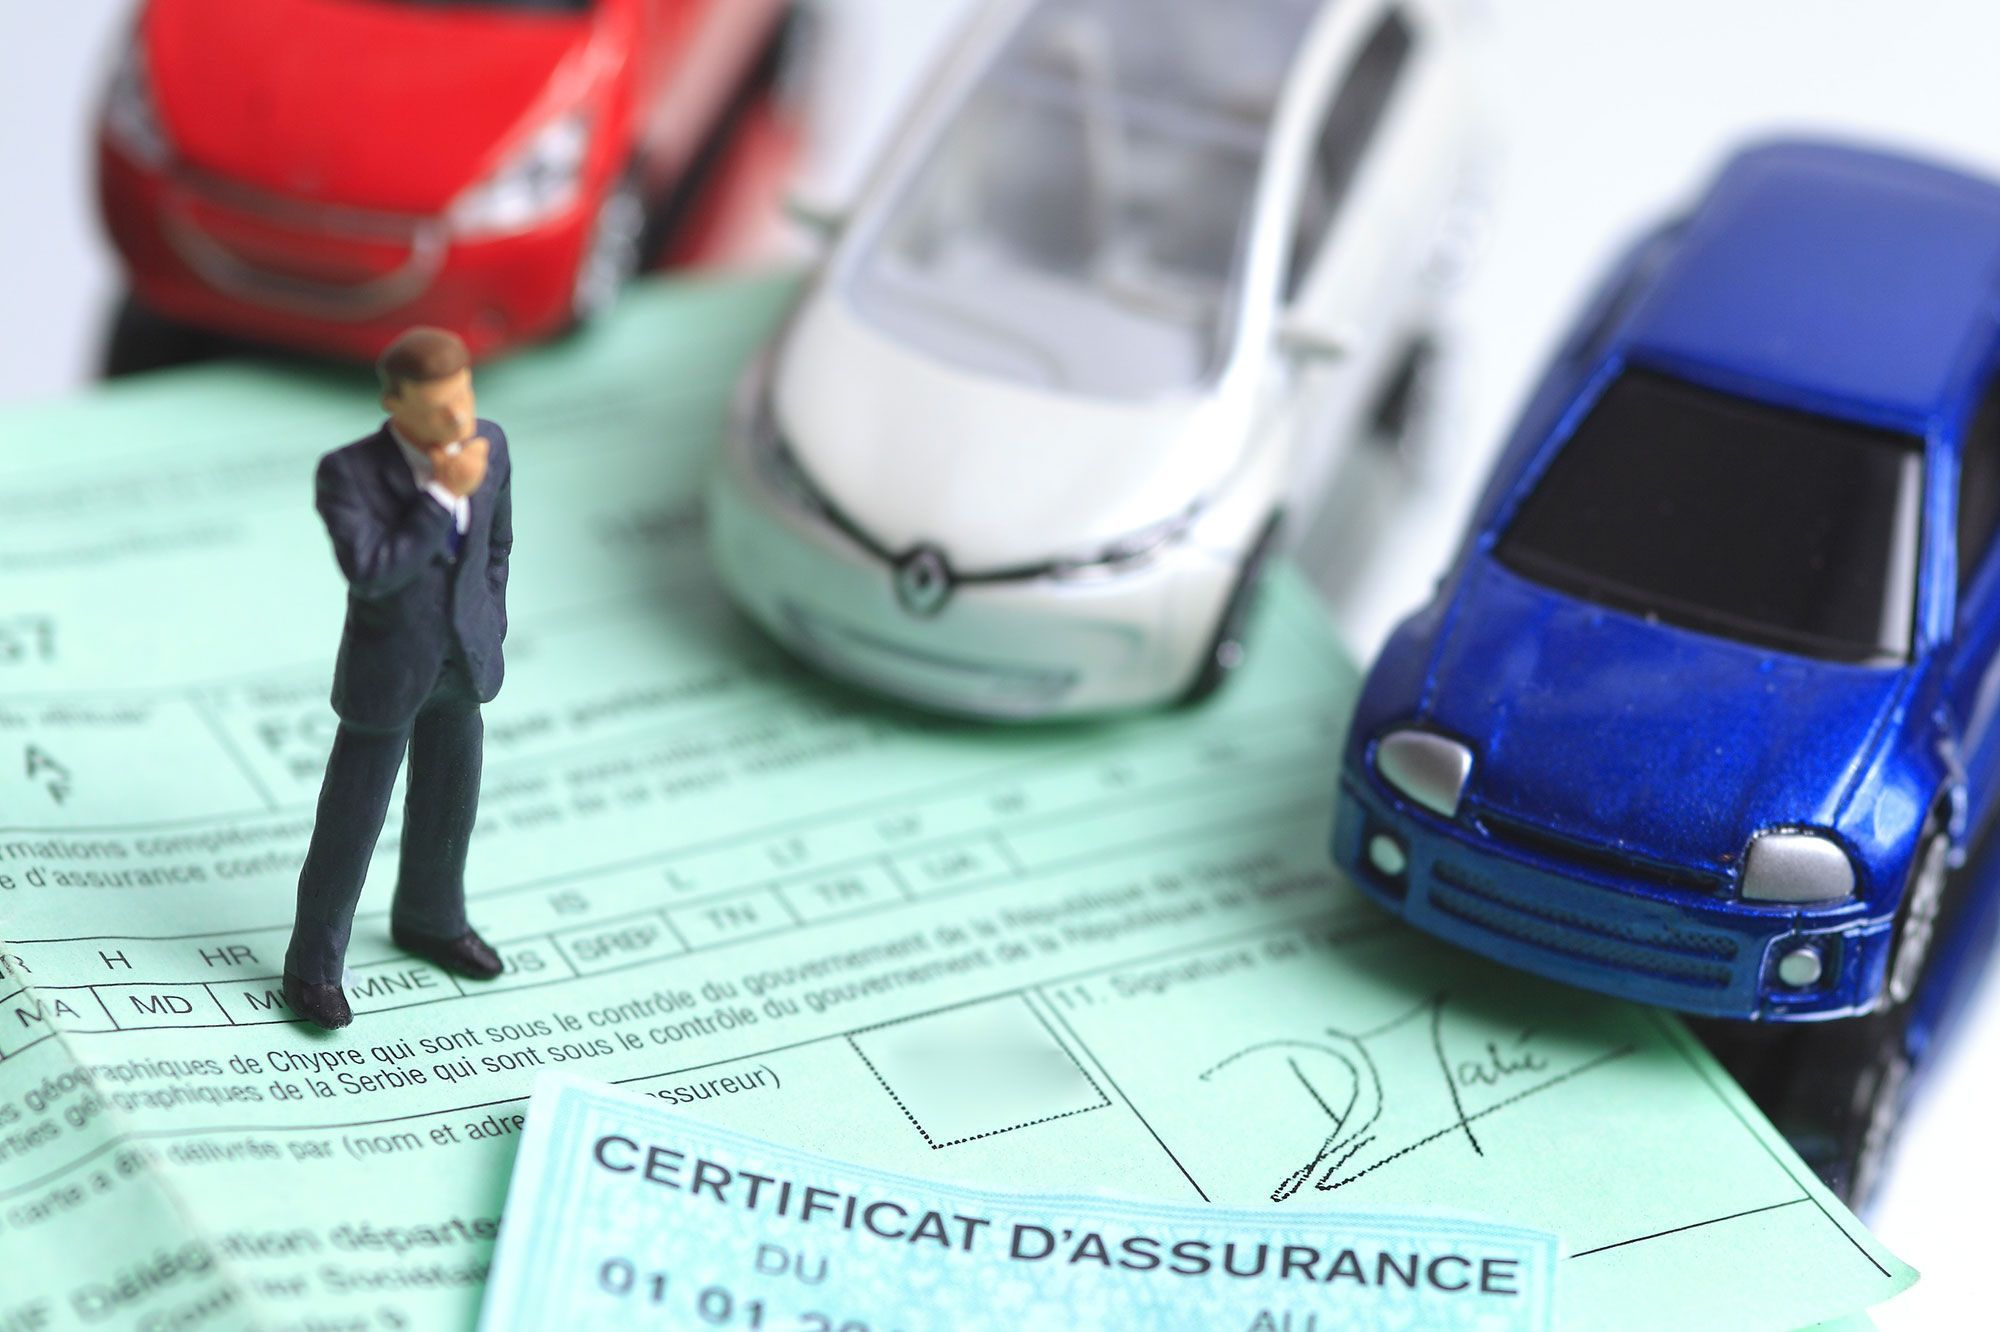 Criteres assurance : que faut-il prendre en considération avant de choisir son assurance auto ?